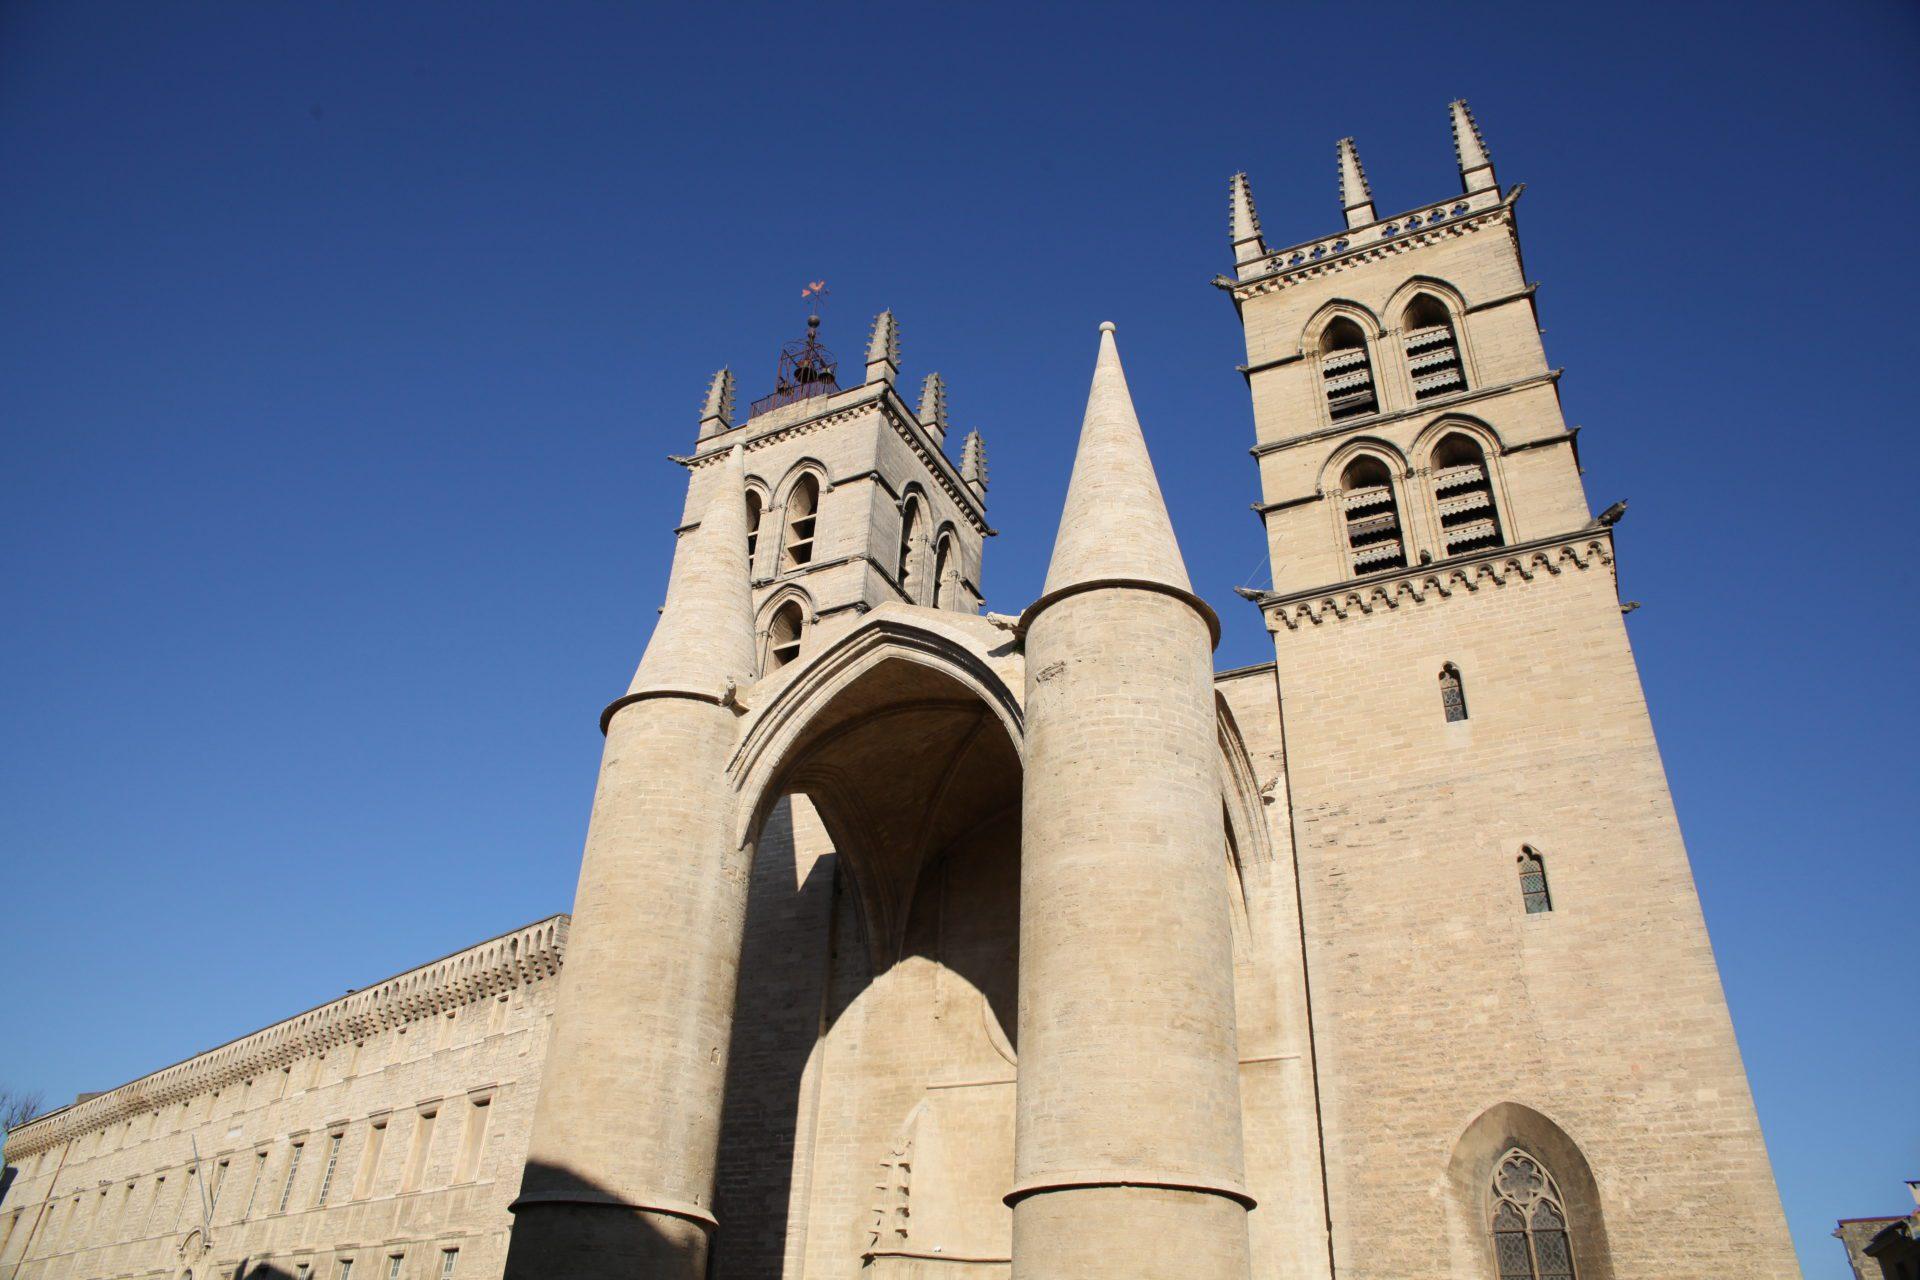 Quoi faire montpellier attraits touristique - Cathedrale saint pierre de montpellier ...